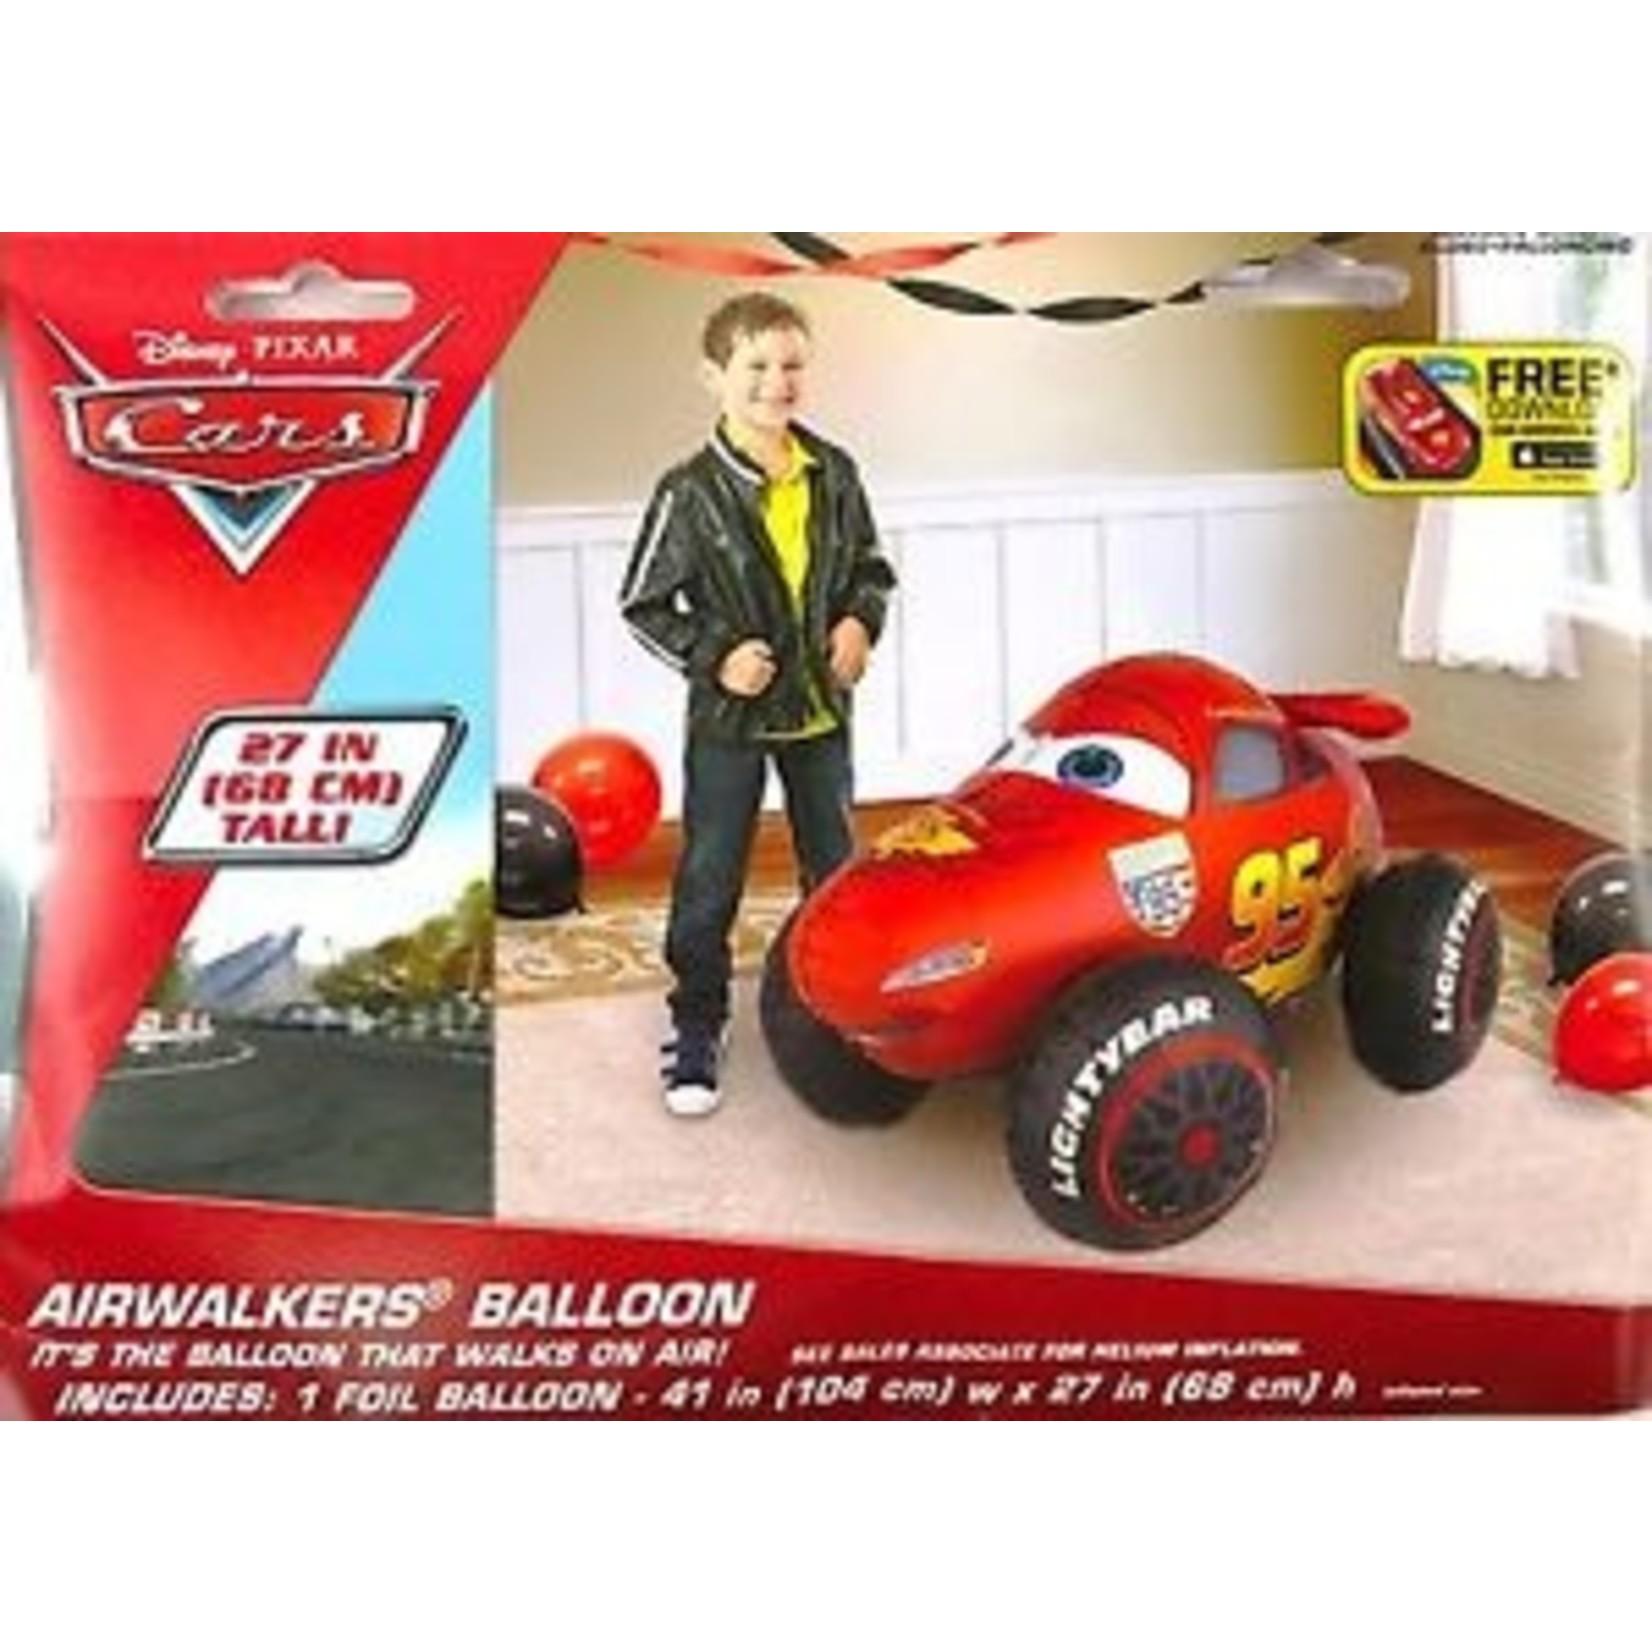 Balloon-Airwalker-Lightening McQueen Cars 3